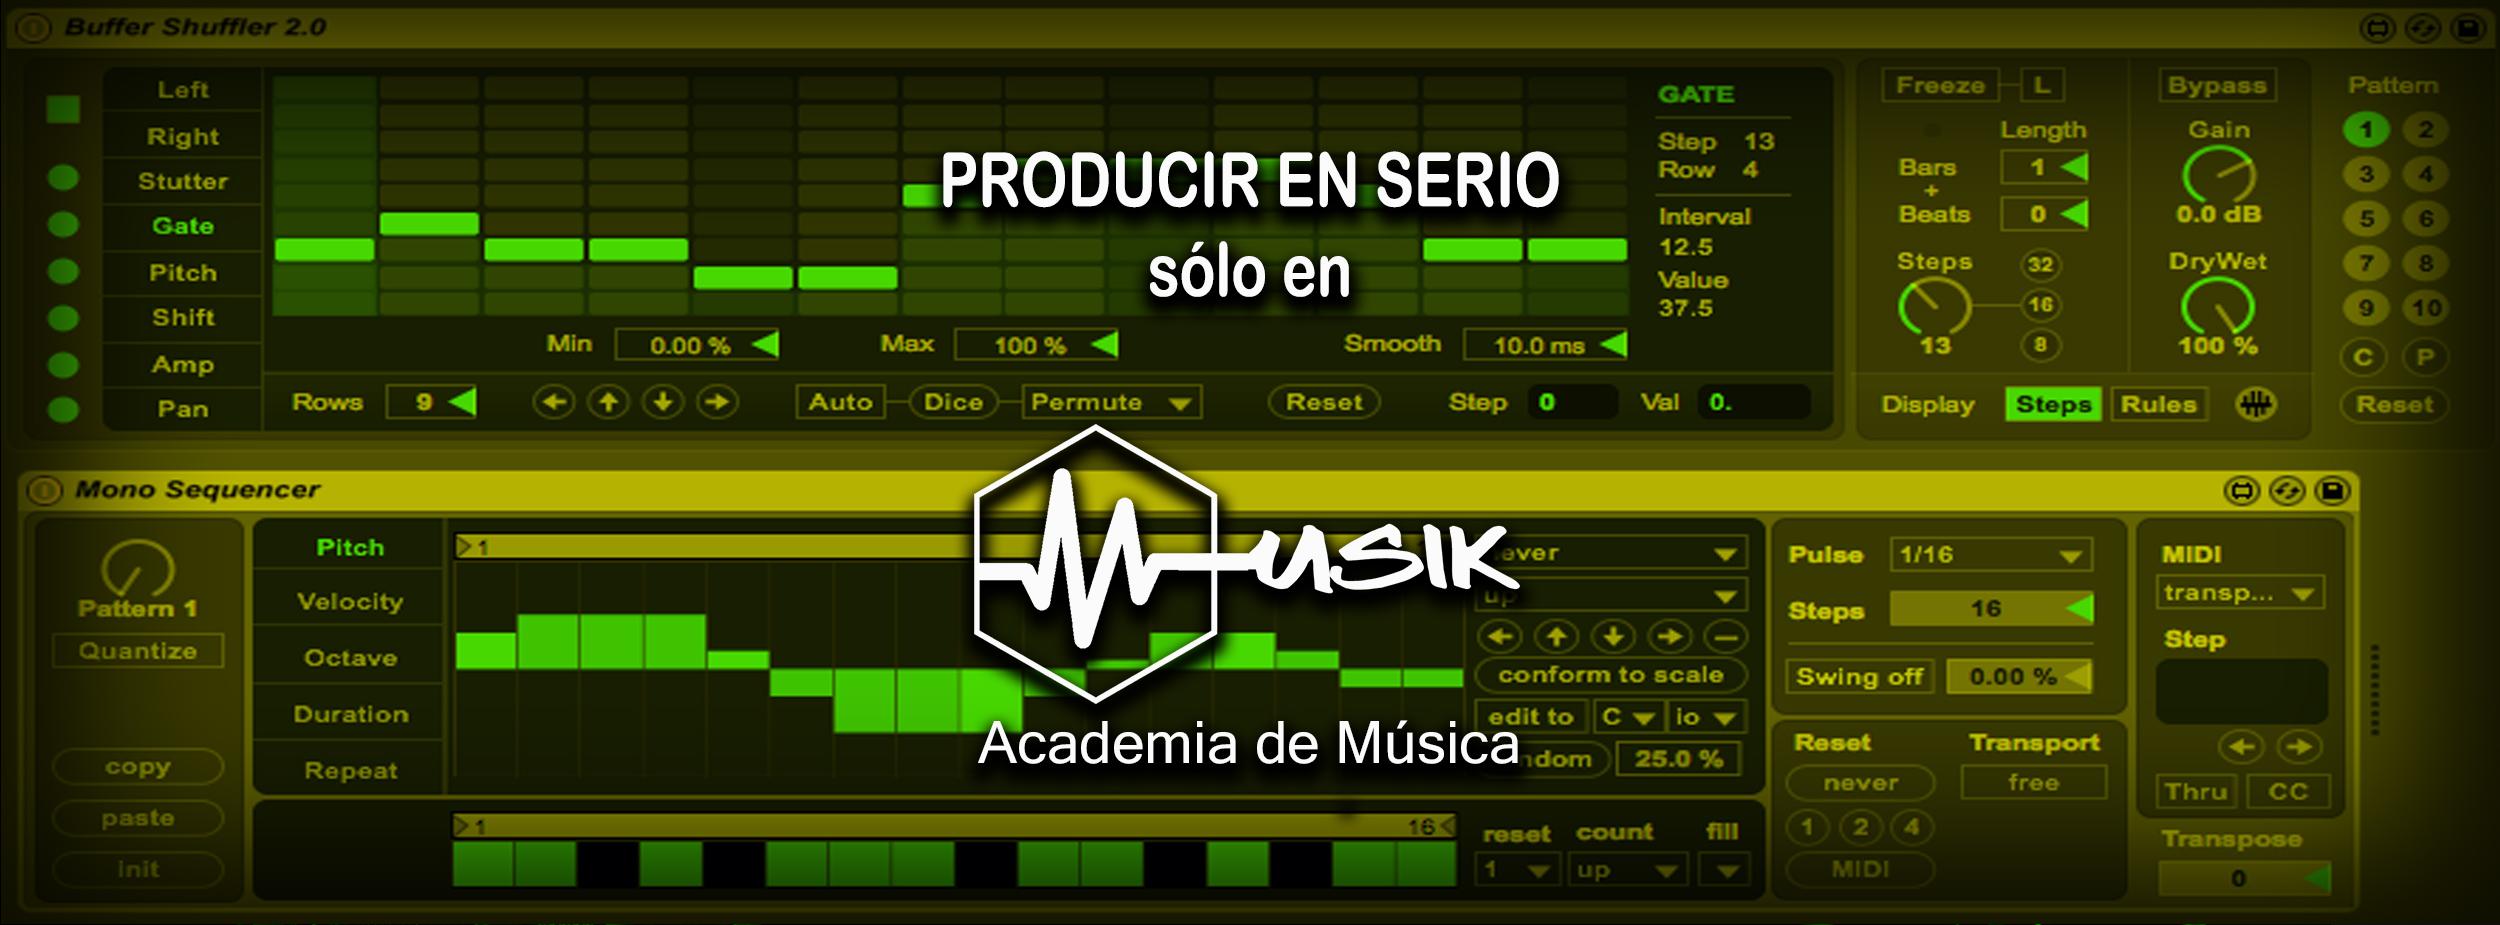 Musik 009 - Producir En Serio